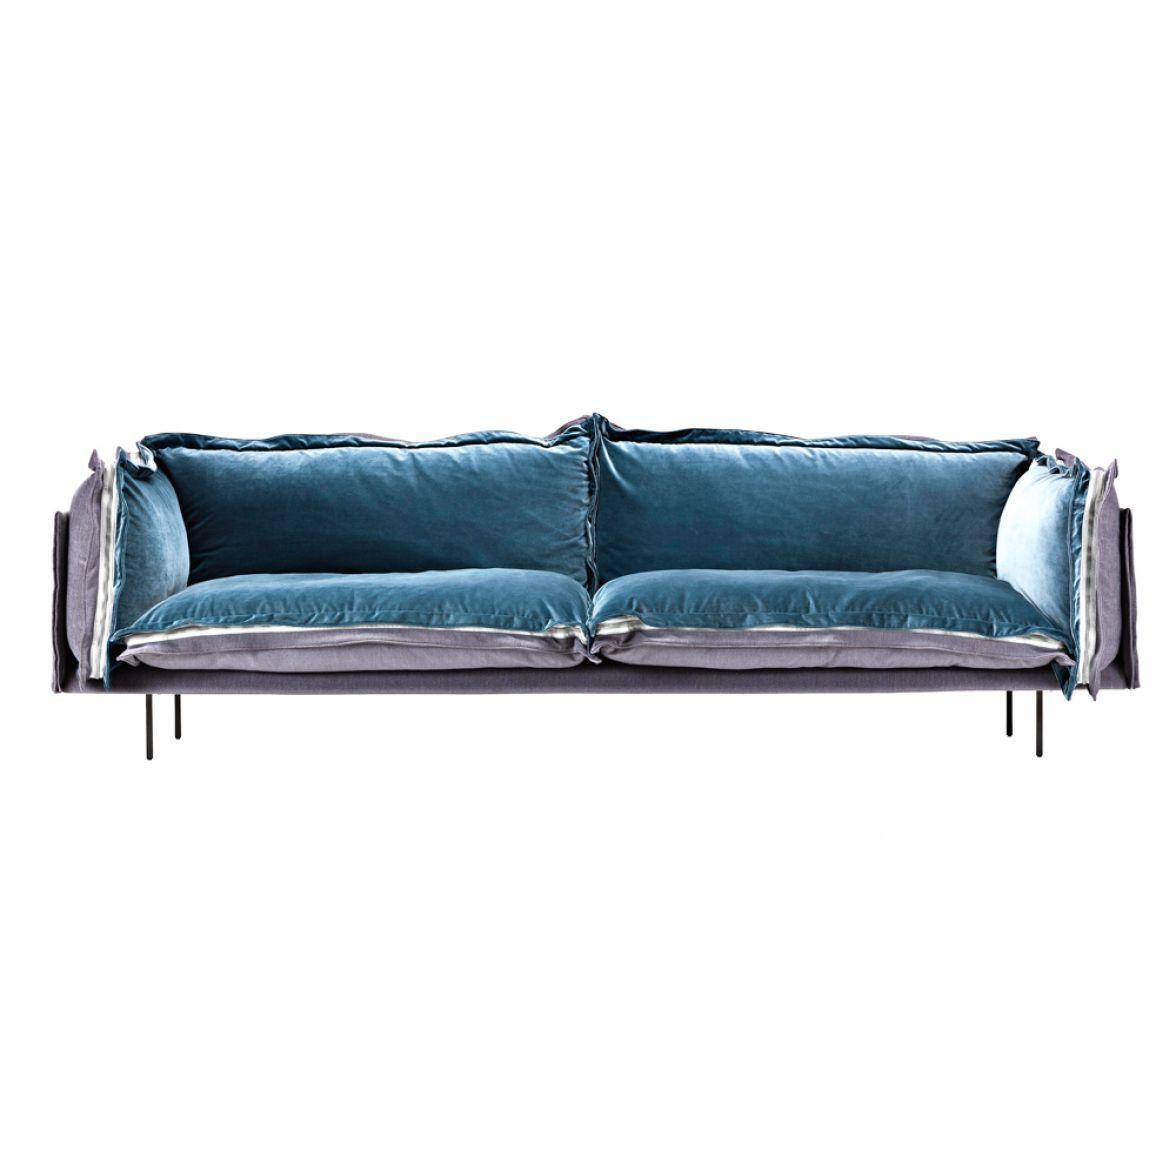 Auto-reverse sofa фото цена